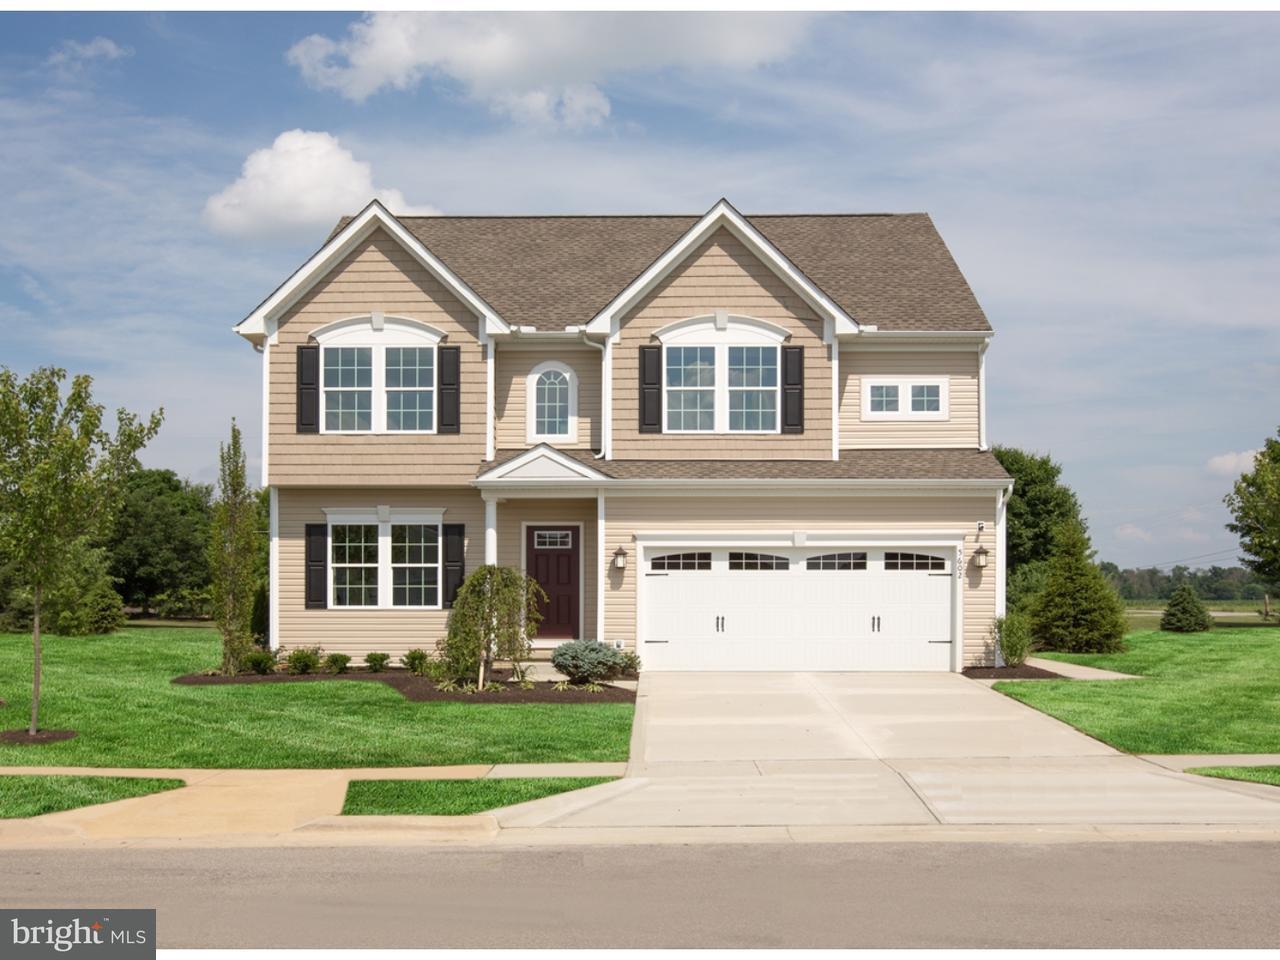 Maison unifamiliale pour l Vente à 2 PEAR TREE Court Delran, New Jersey 08075 États-Unis